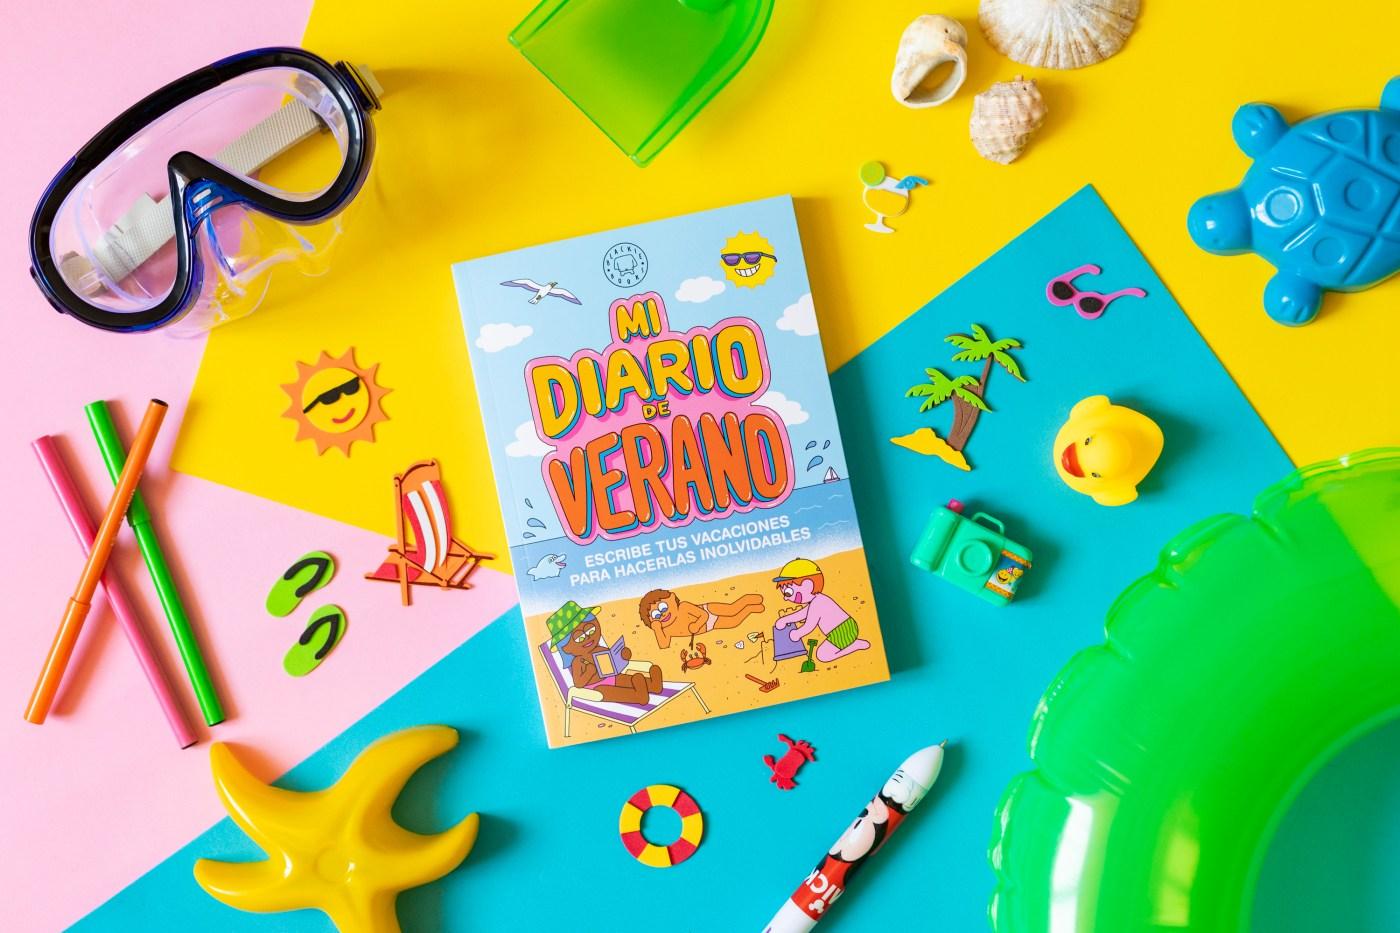 Mi diario de verano. Blackie Books. Cuaderno para niños. Elástica magazine